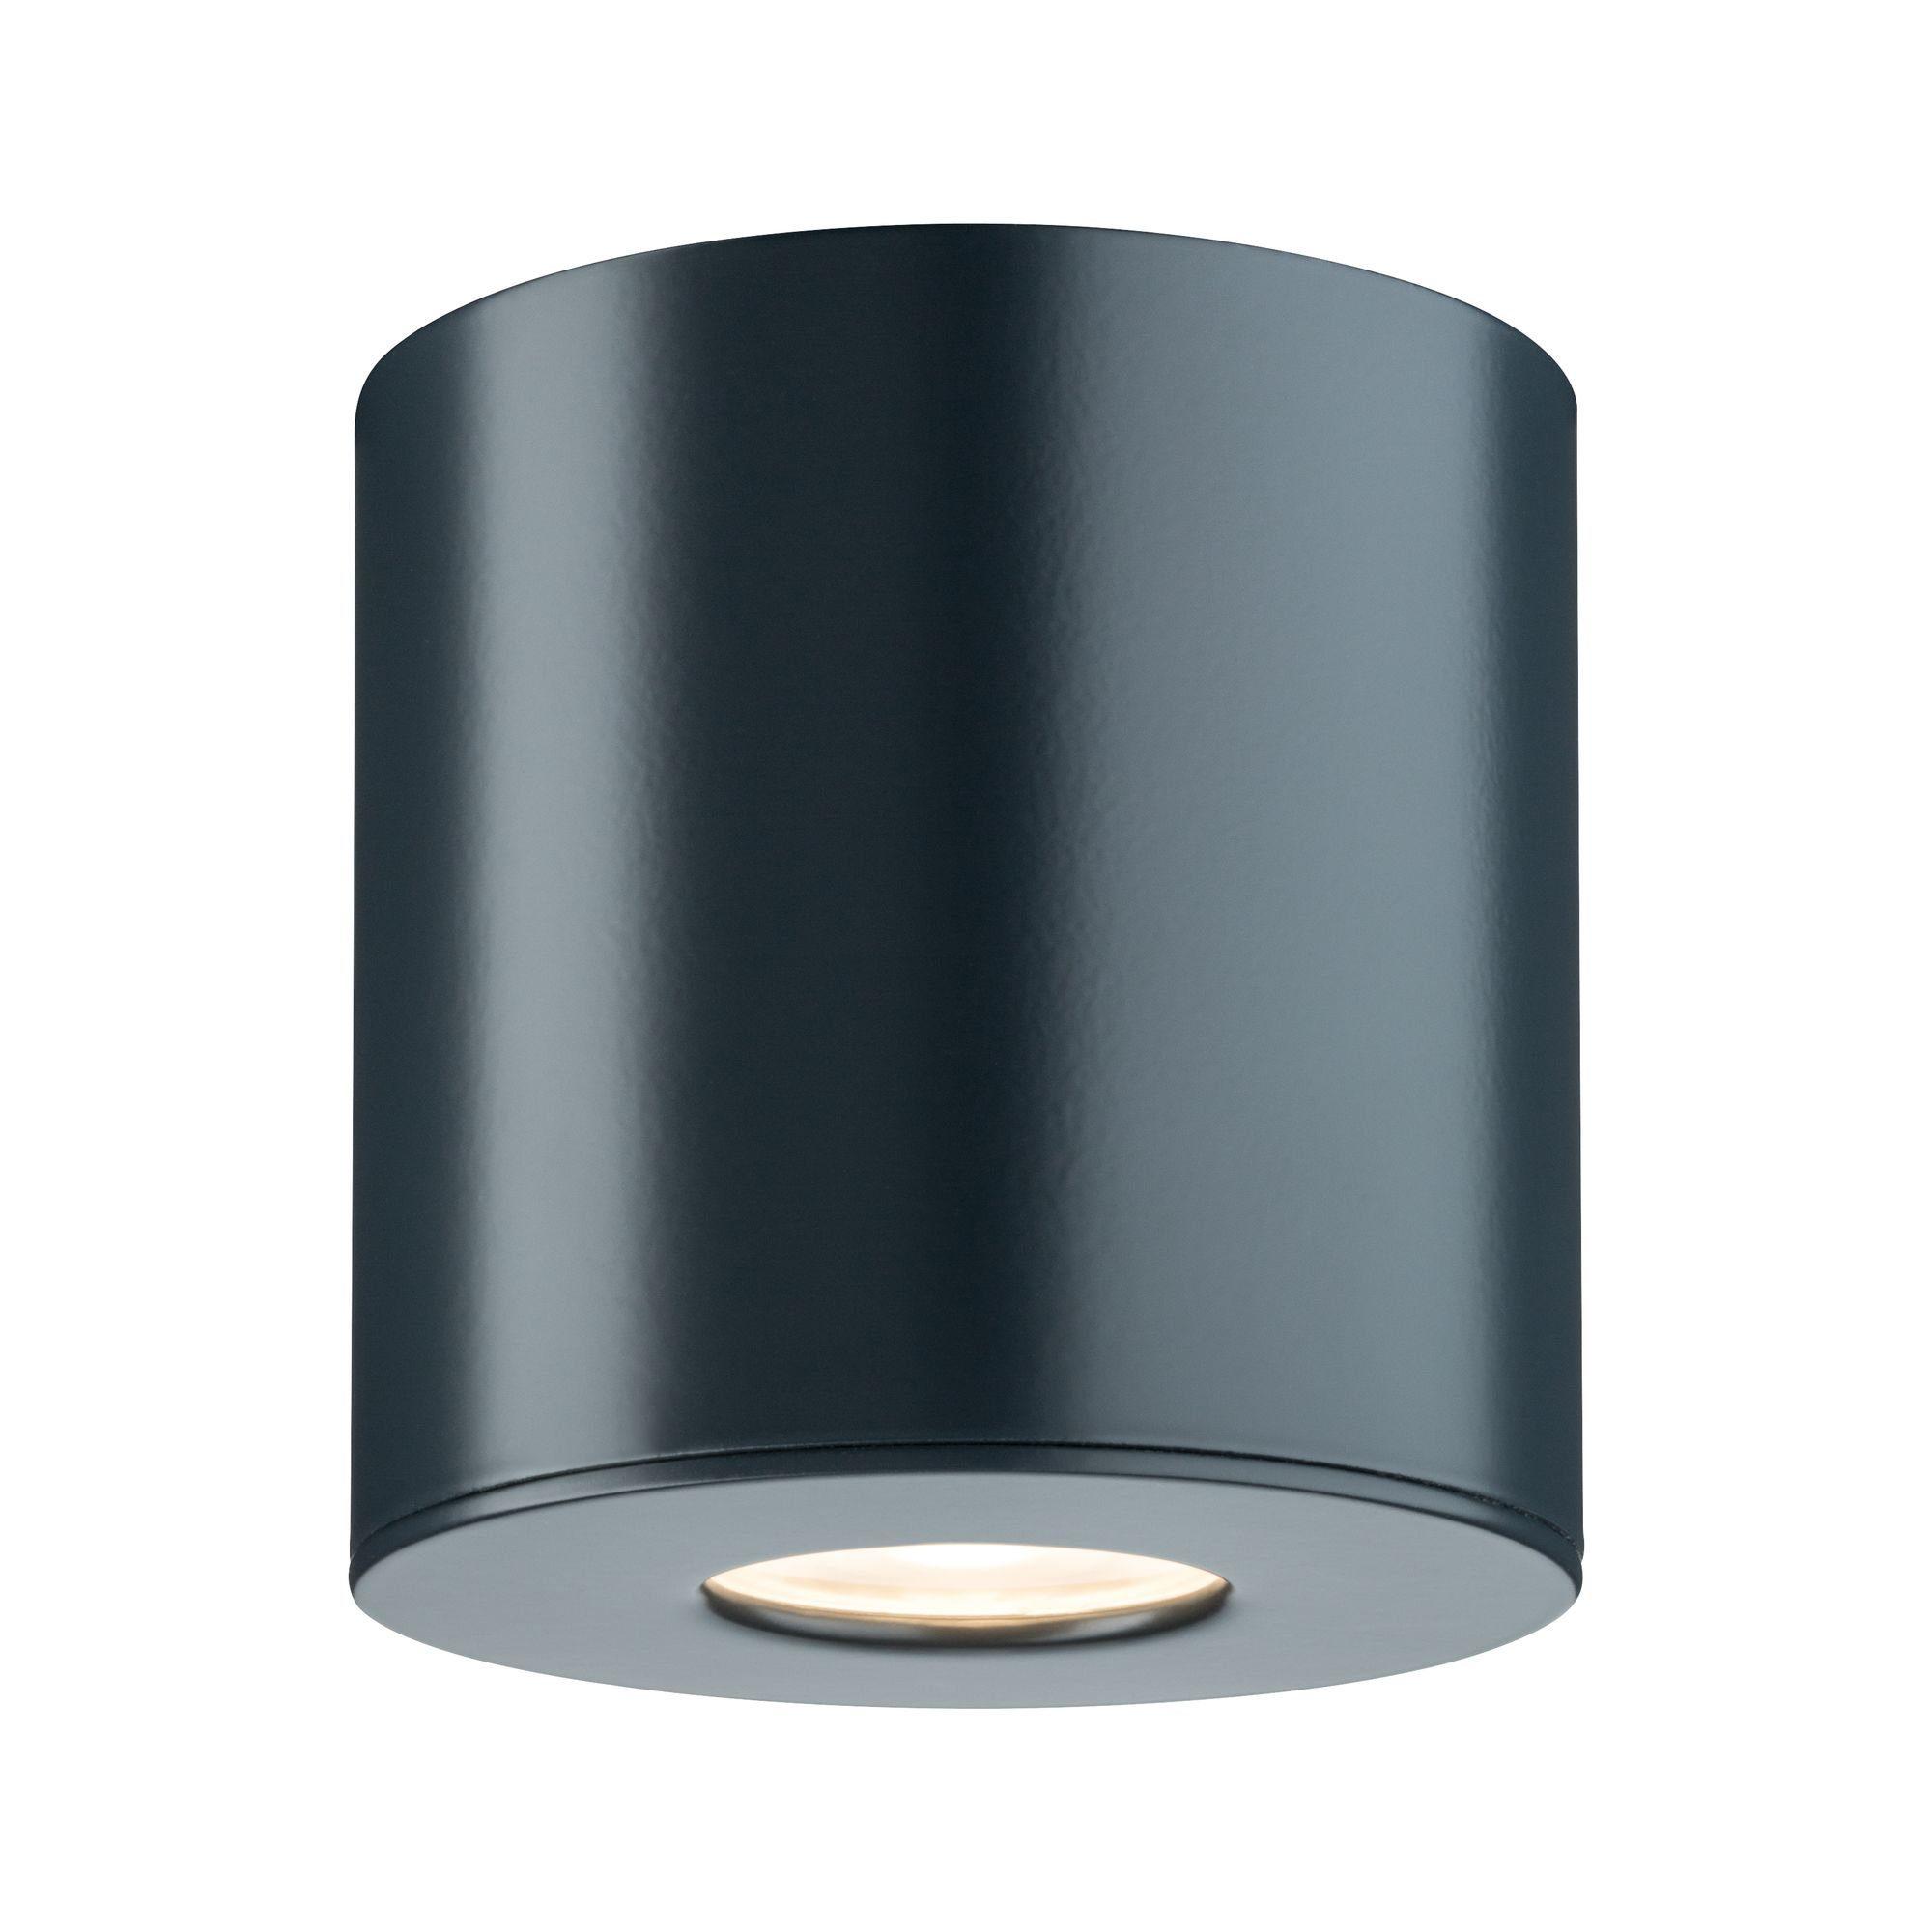 Paulmann,LED Außen-Deckenleuchte Aufbauleuchte 5,8W Anthrazit